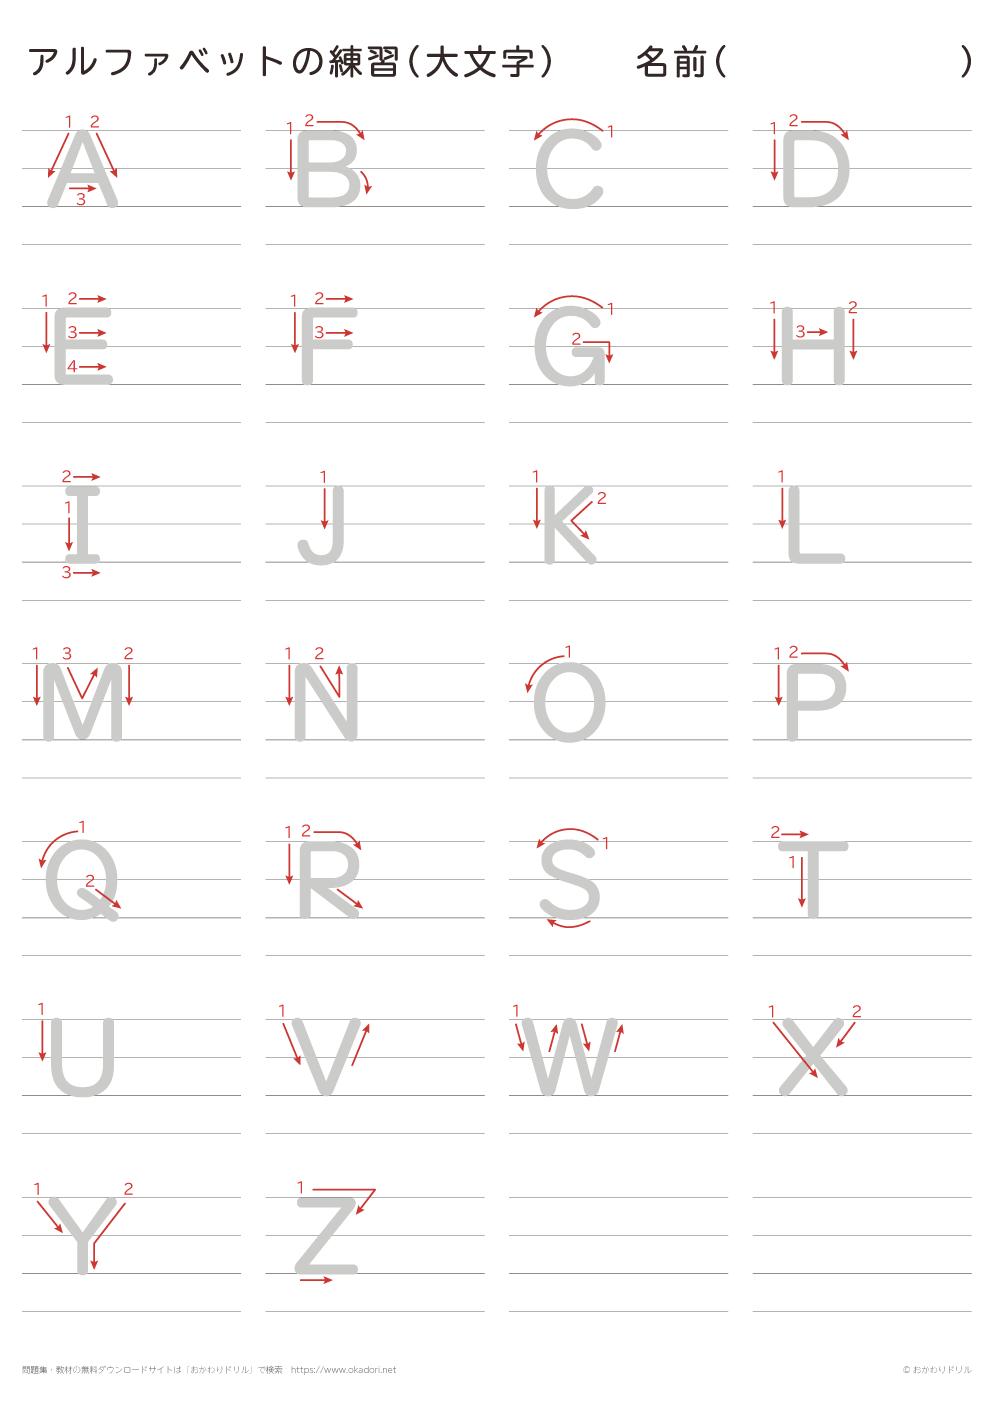 大文字のアルファベットの書き方練習